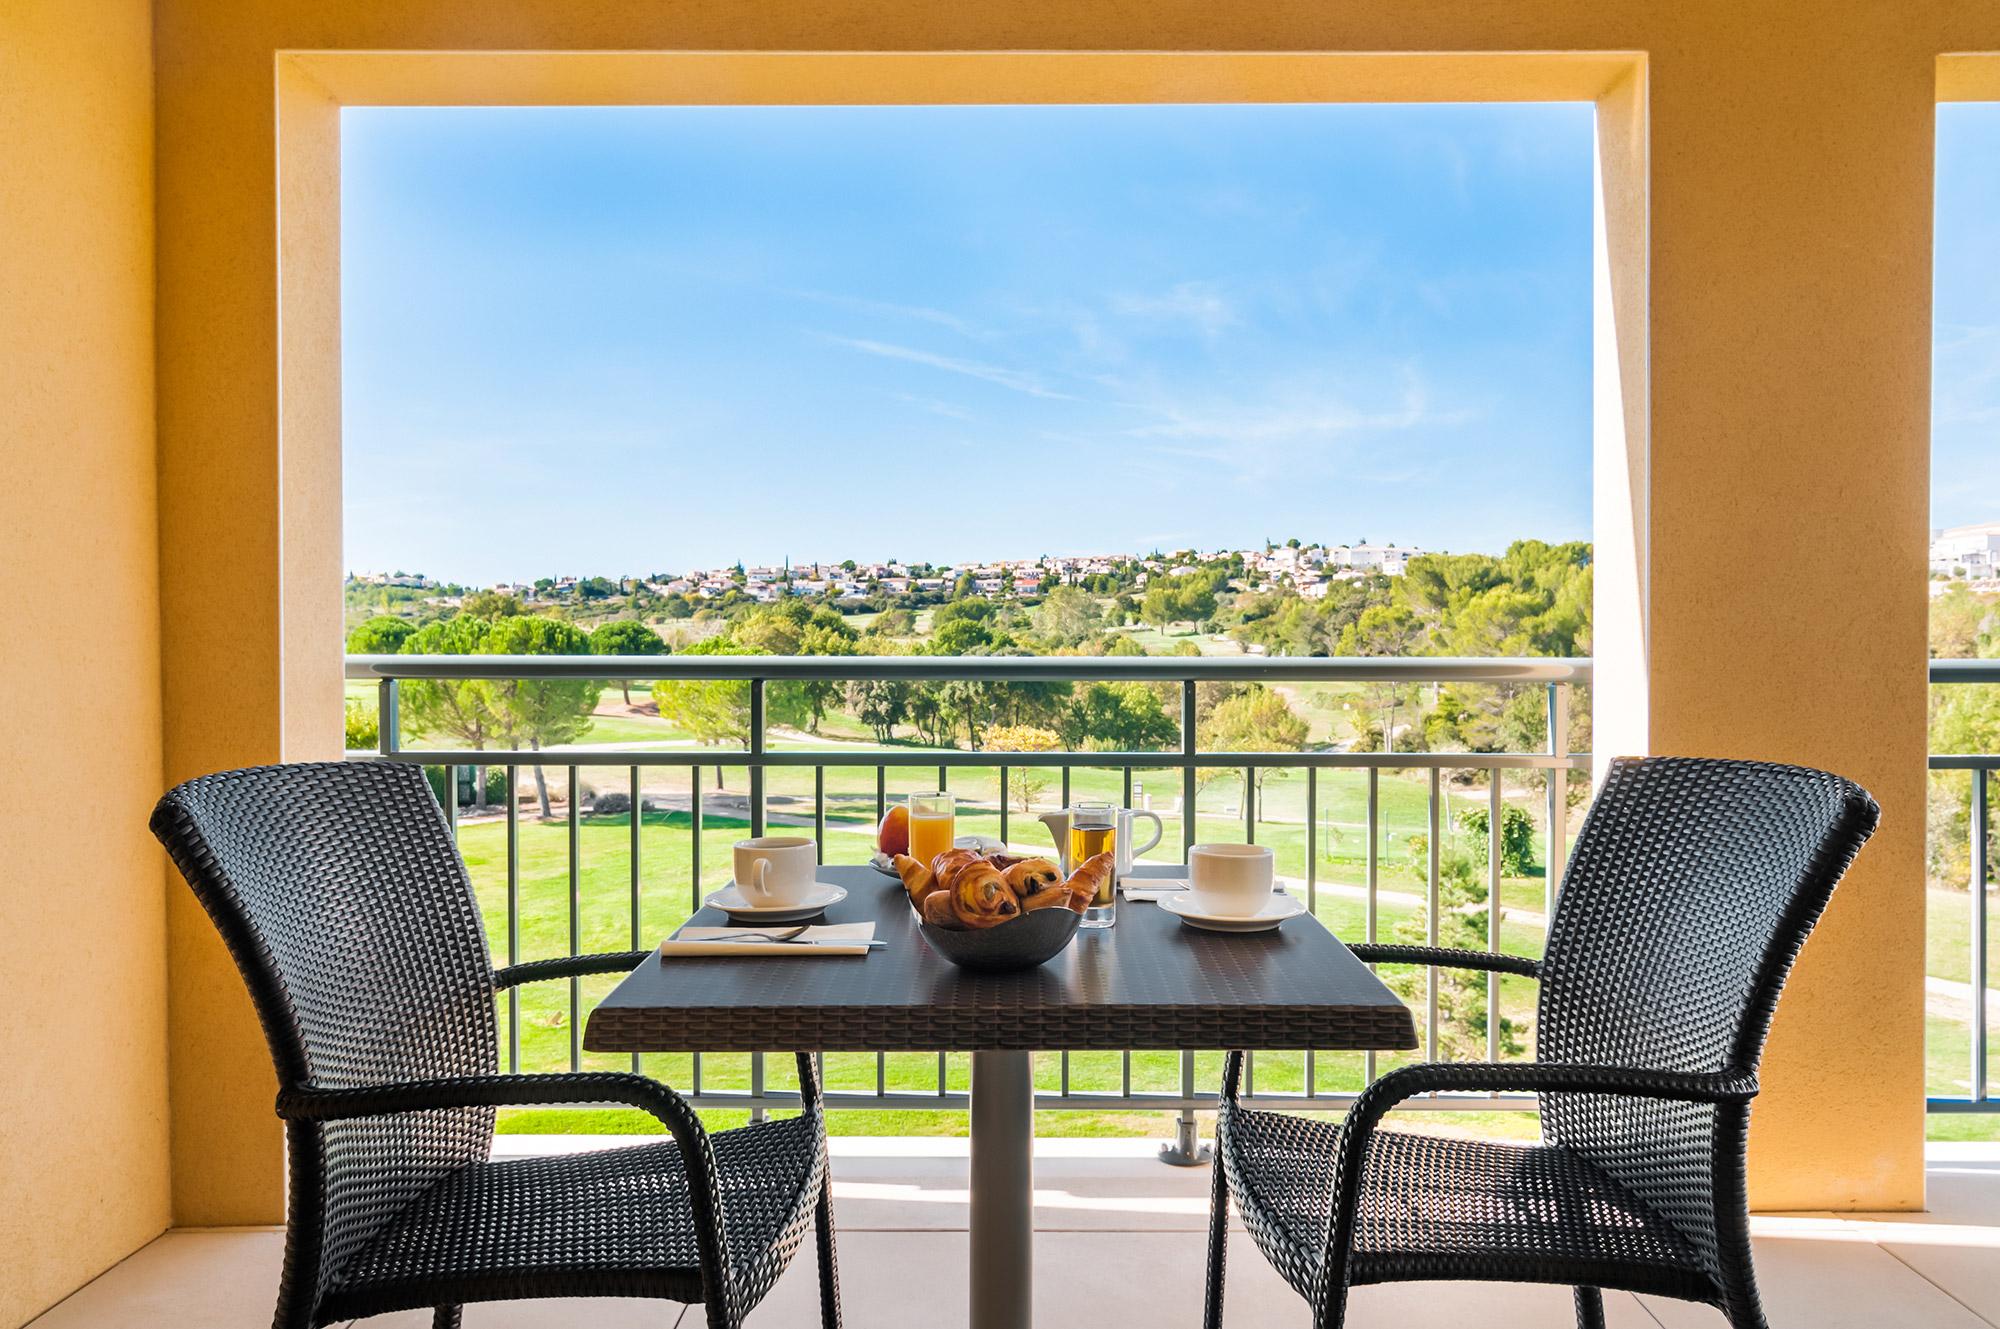 Table de petit-déjeuners avec vue imprenable sur un golf.